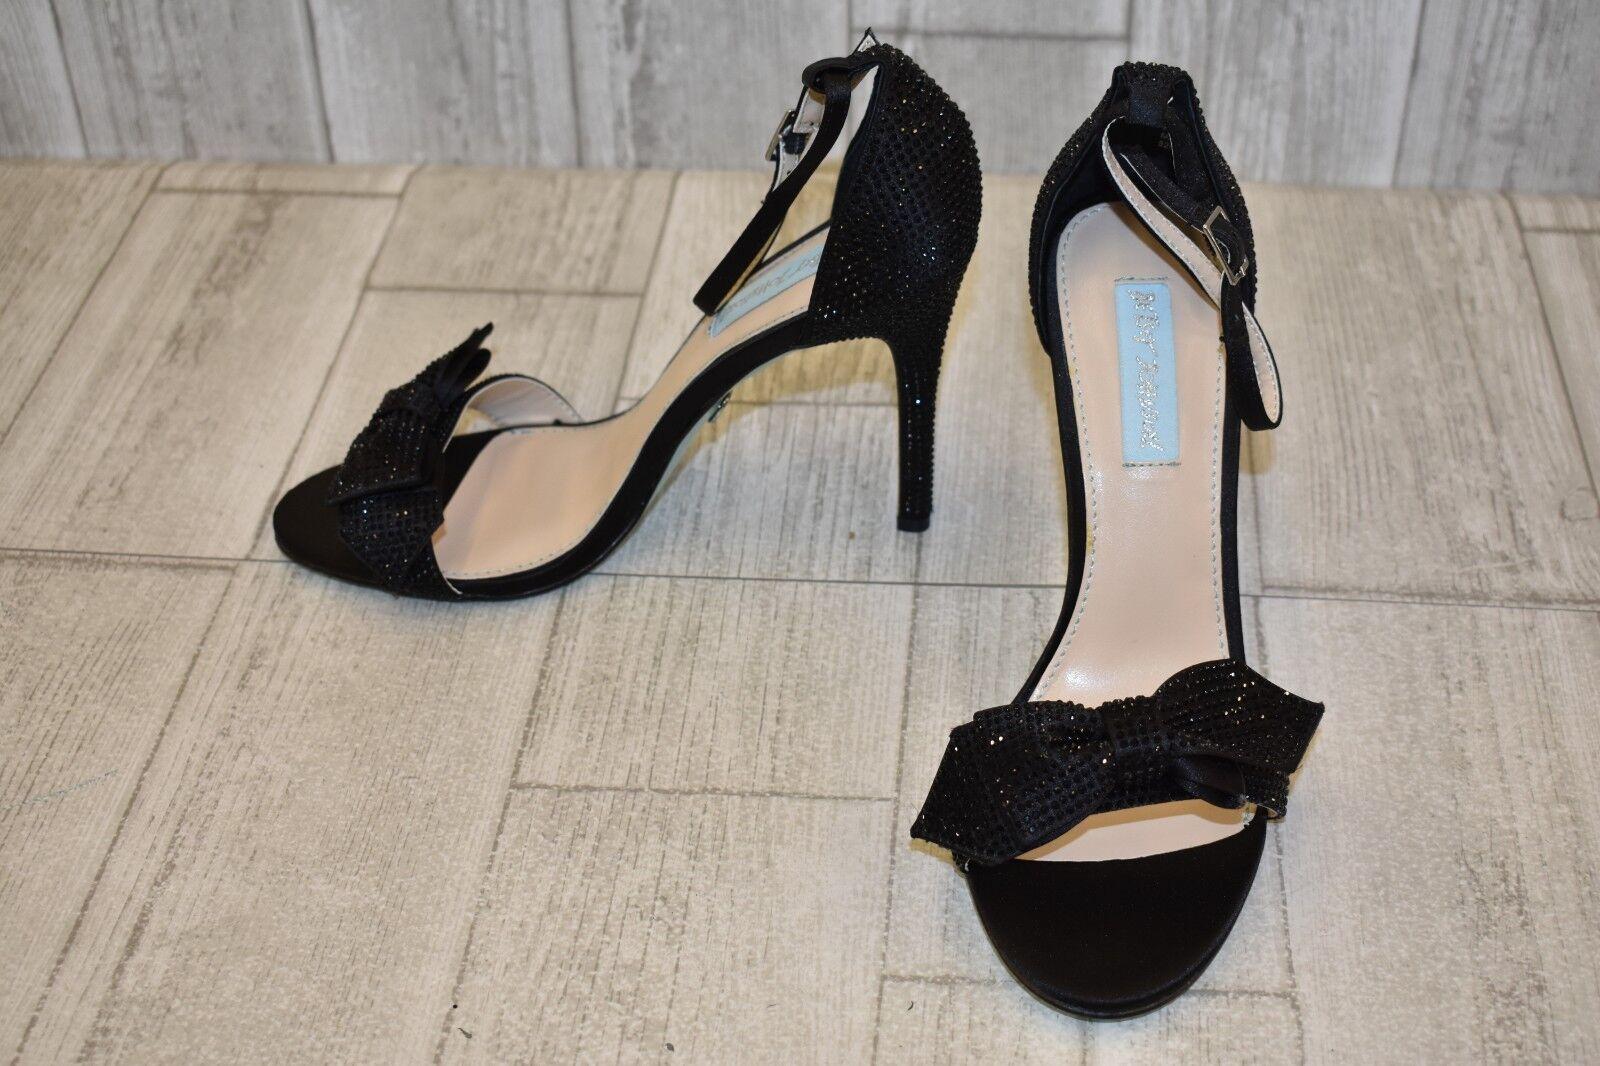 spedizione e scambi gratuiti. blu by Betsey Johnson SB-Gwen Dress Sandal Sandal Sandal - Donna  Dimensione 8M, nero  Prezzo al piano